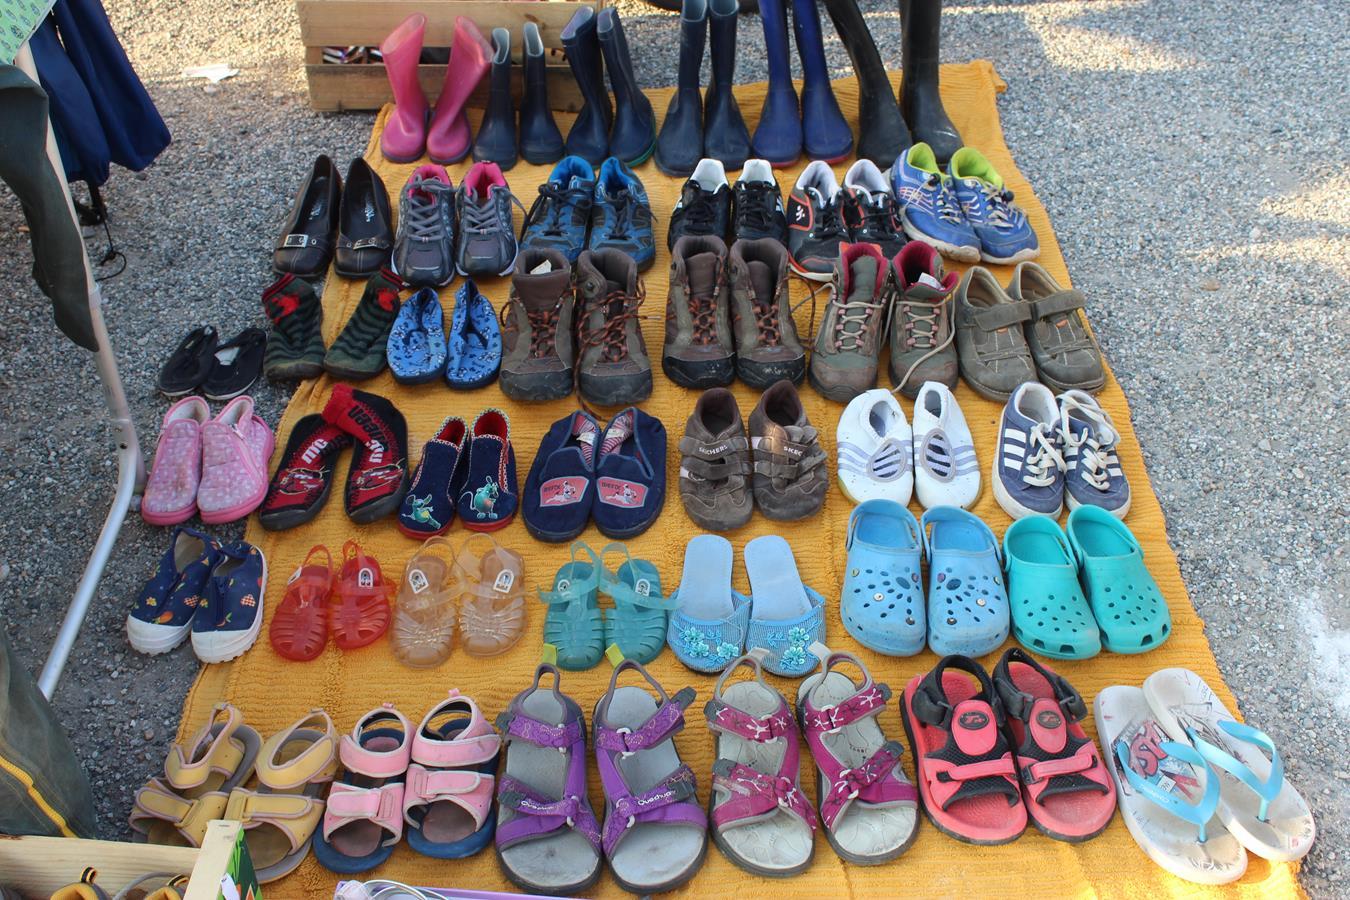 etes-vous bien chaussé ?